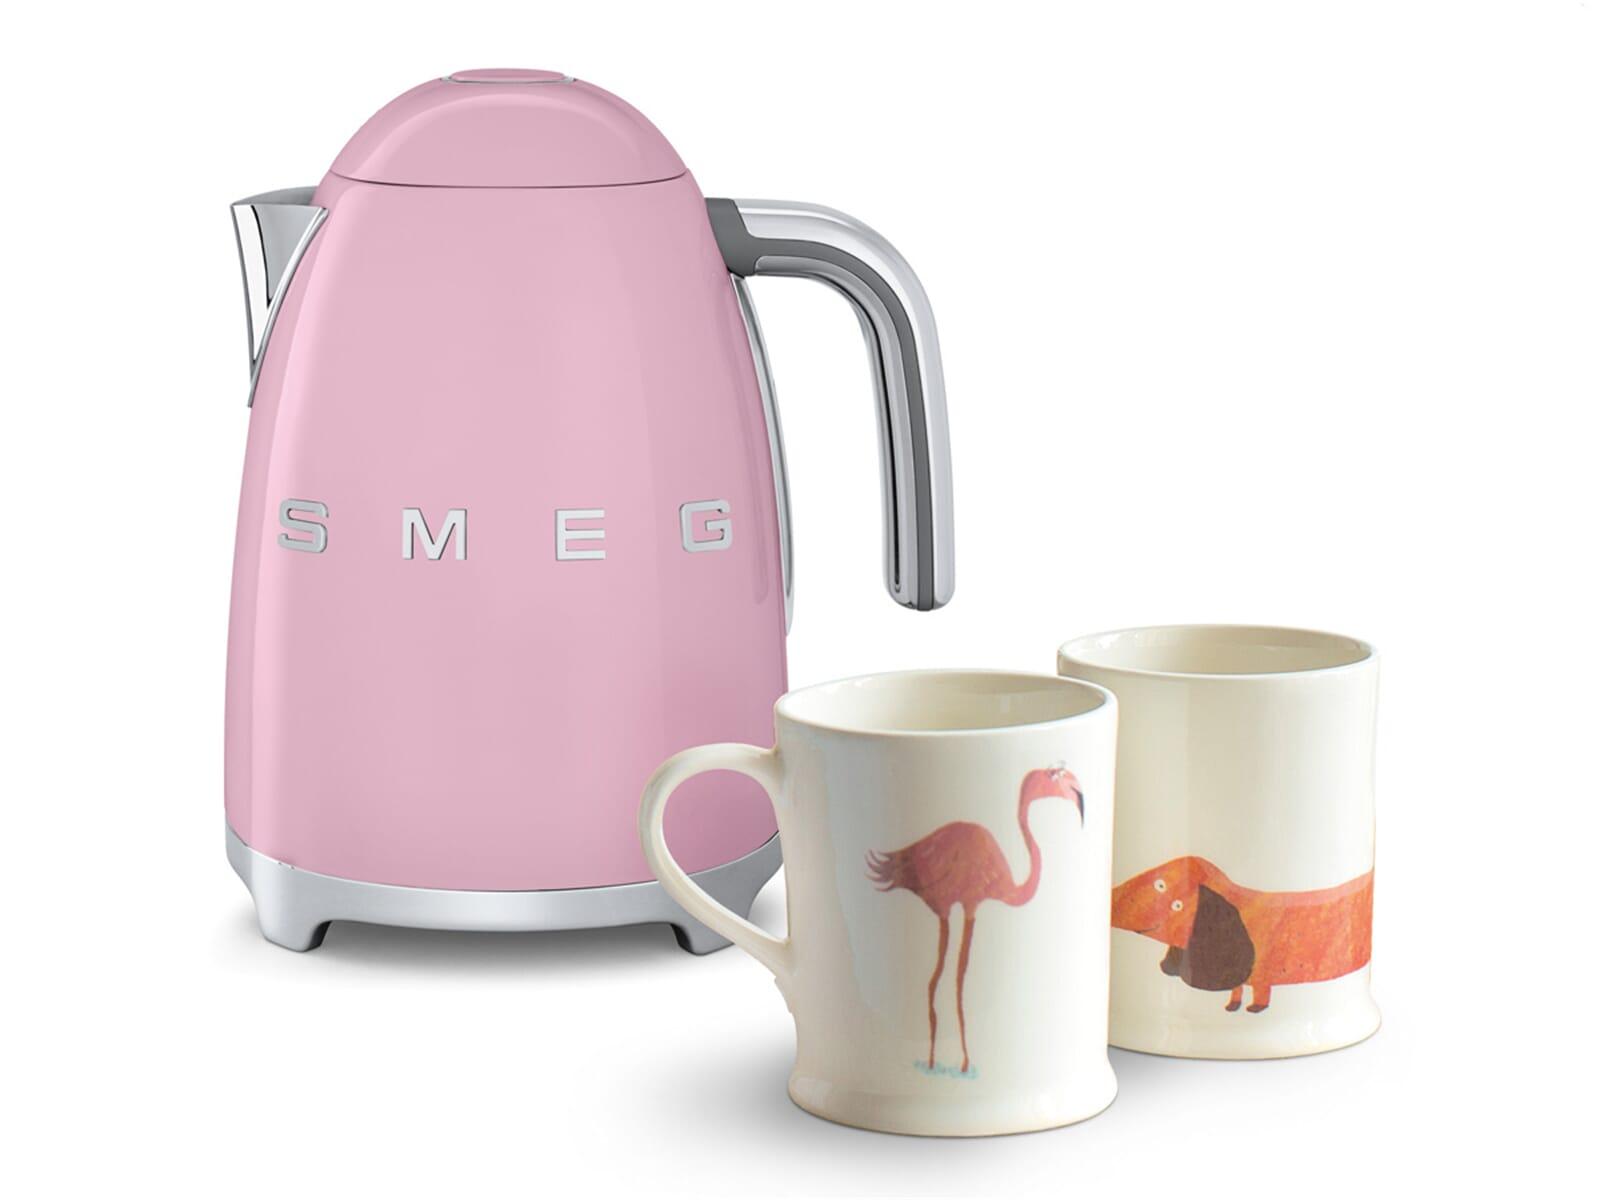 Smeg Kühlschrank Rosa Klein : Smeg klf03pkeu wasserkocher cadillac pink